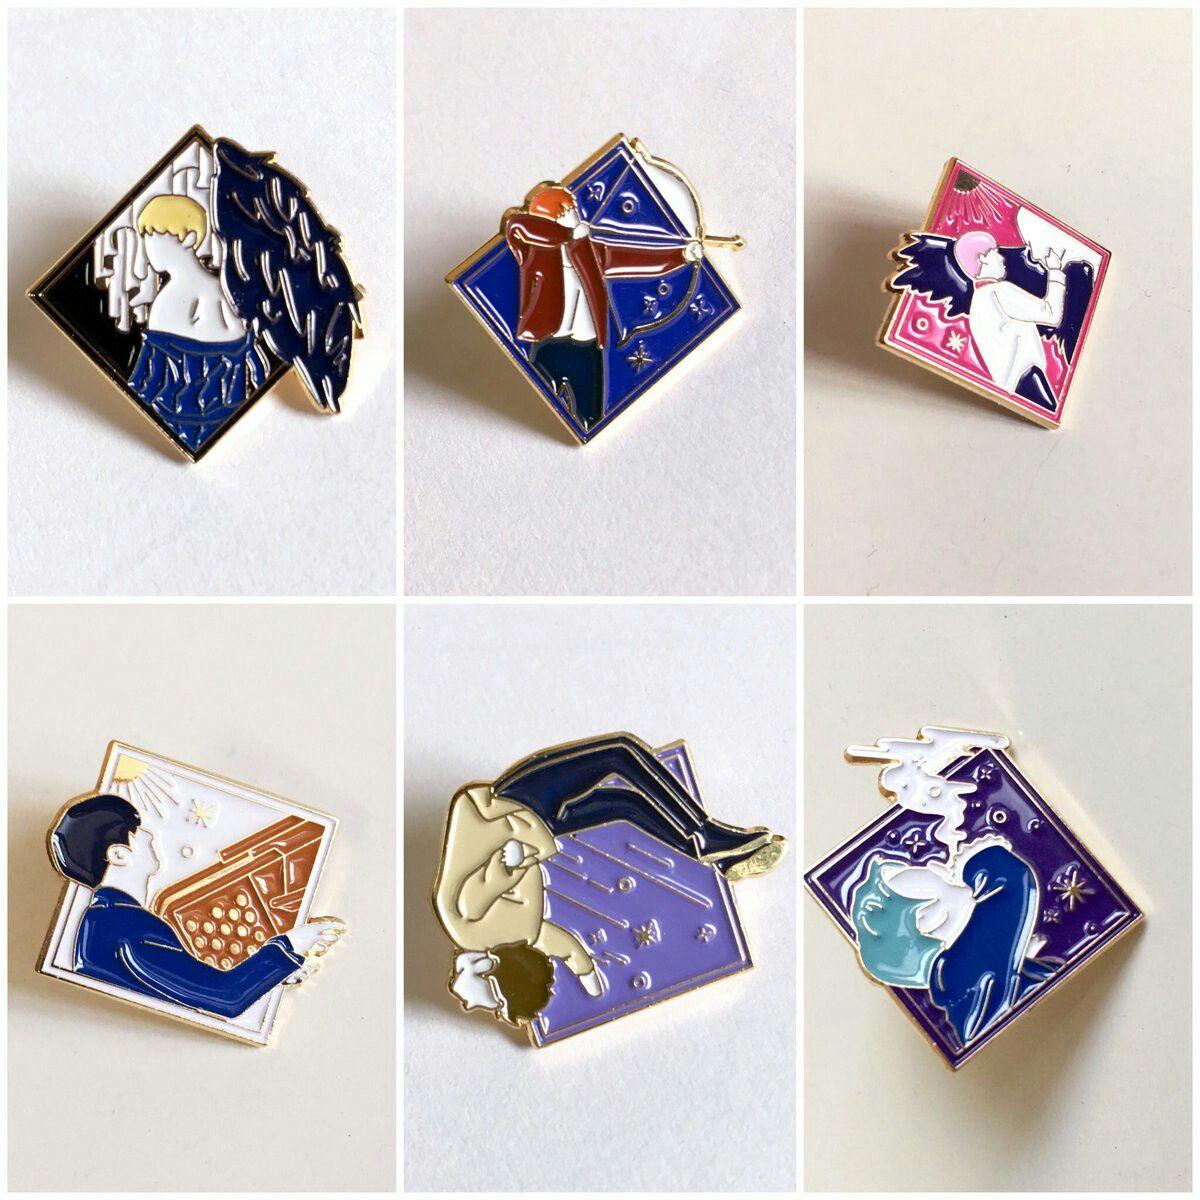 fan made kpop group enamel pins